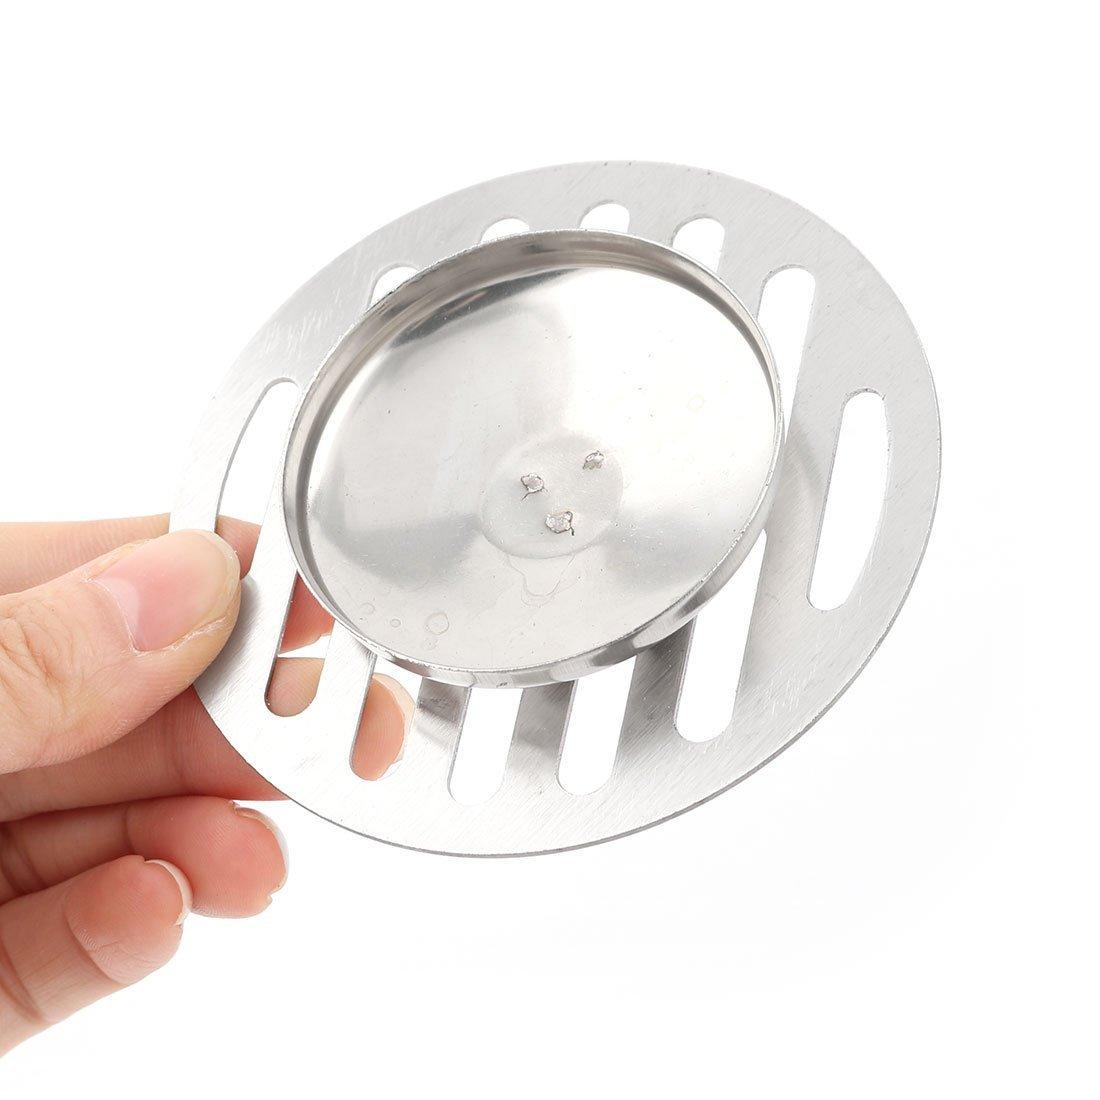 DealMux acero inoxidable Inicio Ronda lavabo agujeros en forma de tapa del filtro de desag/üe de ducha Suelo